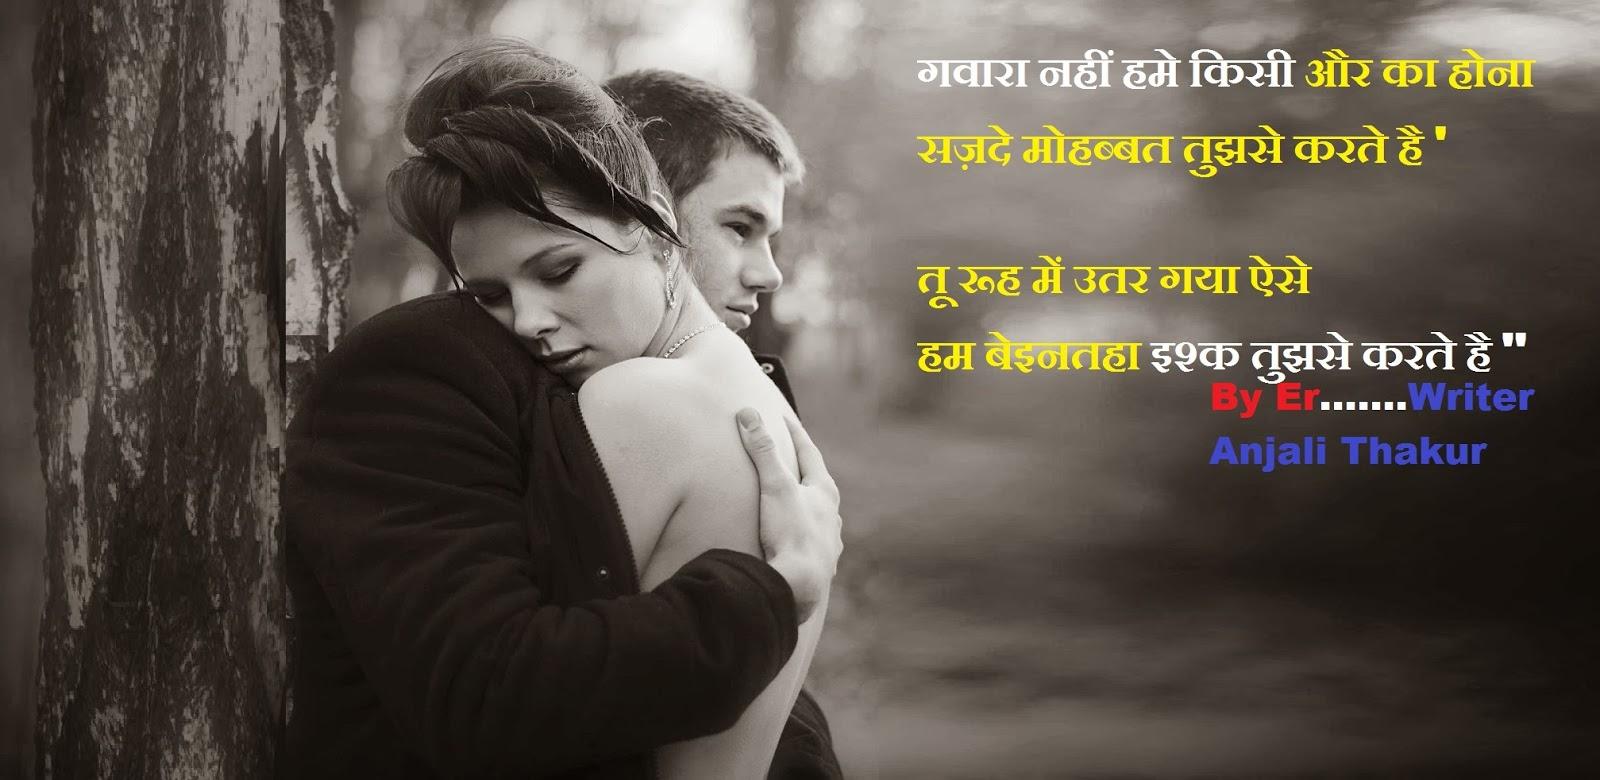 sad shayari boy and girl, sad love shayari in hindi for boyfriend, sad love shayari in hindi for girlfriend, very sad shayari on life, sad shayari in hindi for life, very sad shayari, गवारा नहीं हमे किसी और का होना सज़दे मोहब्बत तुझसे करते है-तू रूह में उतर गया ऐसे हम बेइनतहा इश्क तुझसे करते है